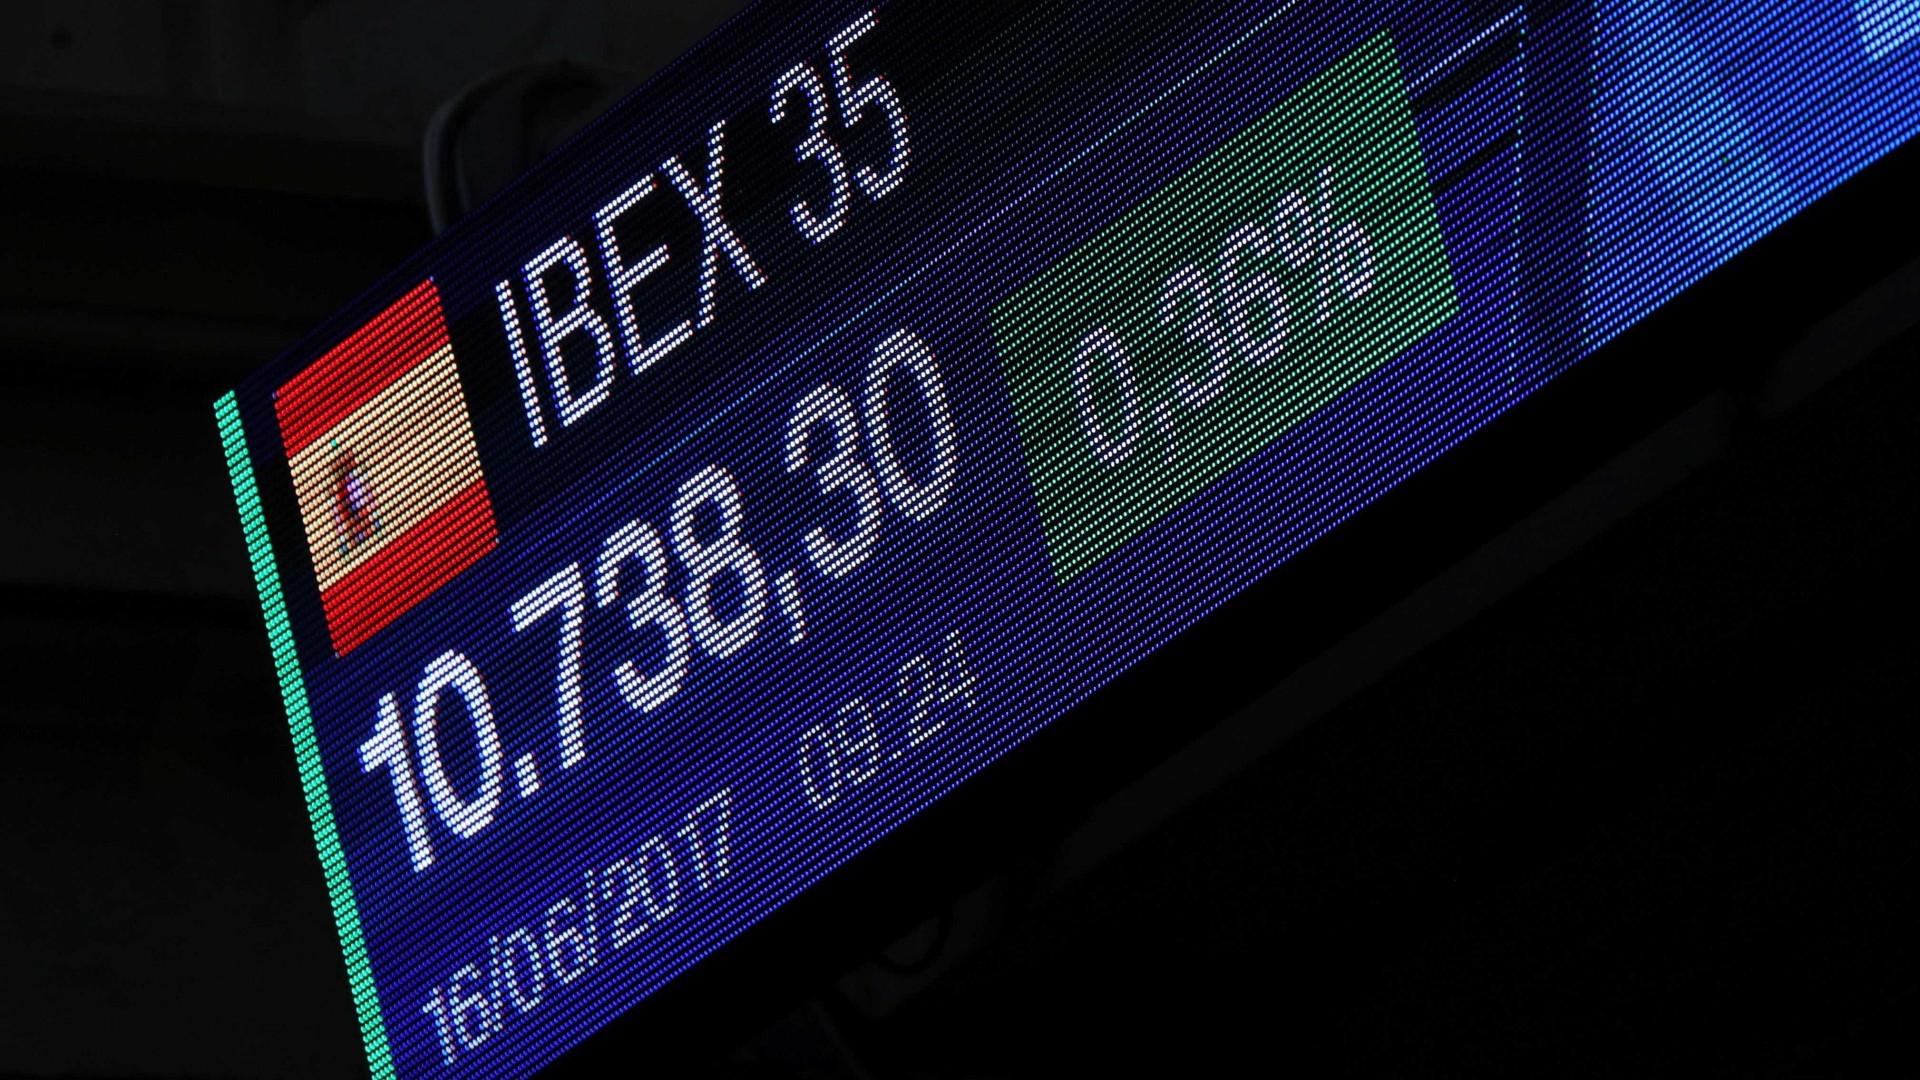 Bolsas europeias seguem positivas após eleições francesas